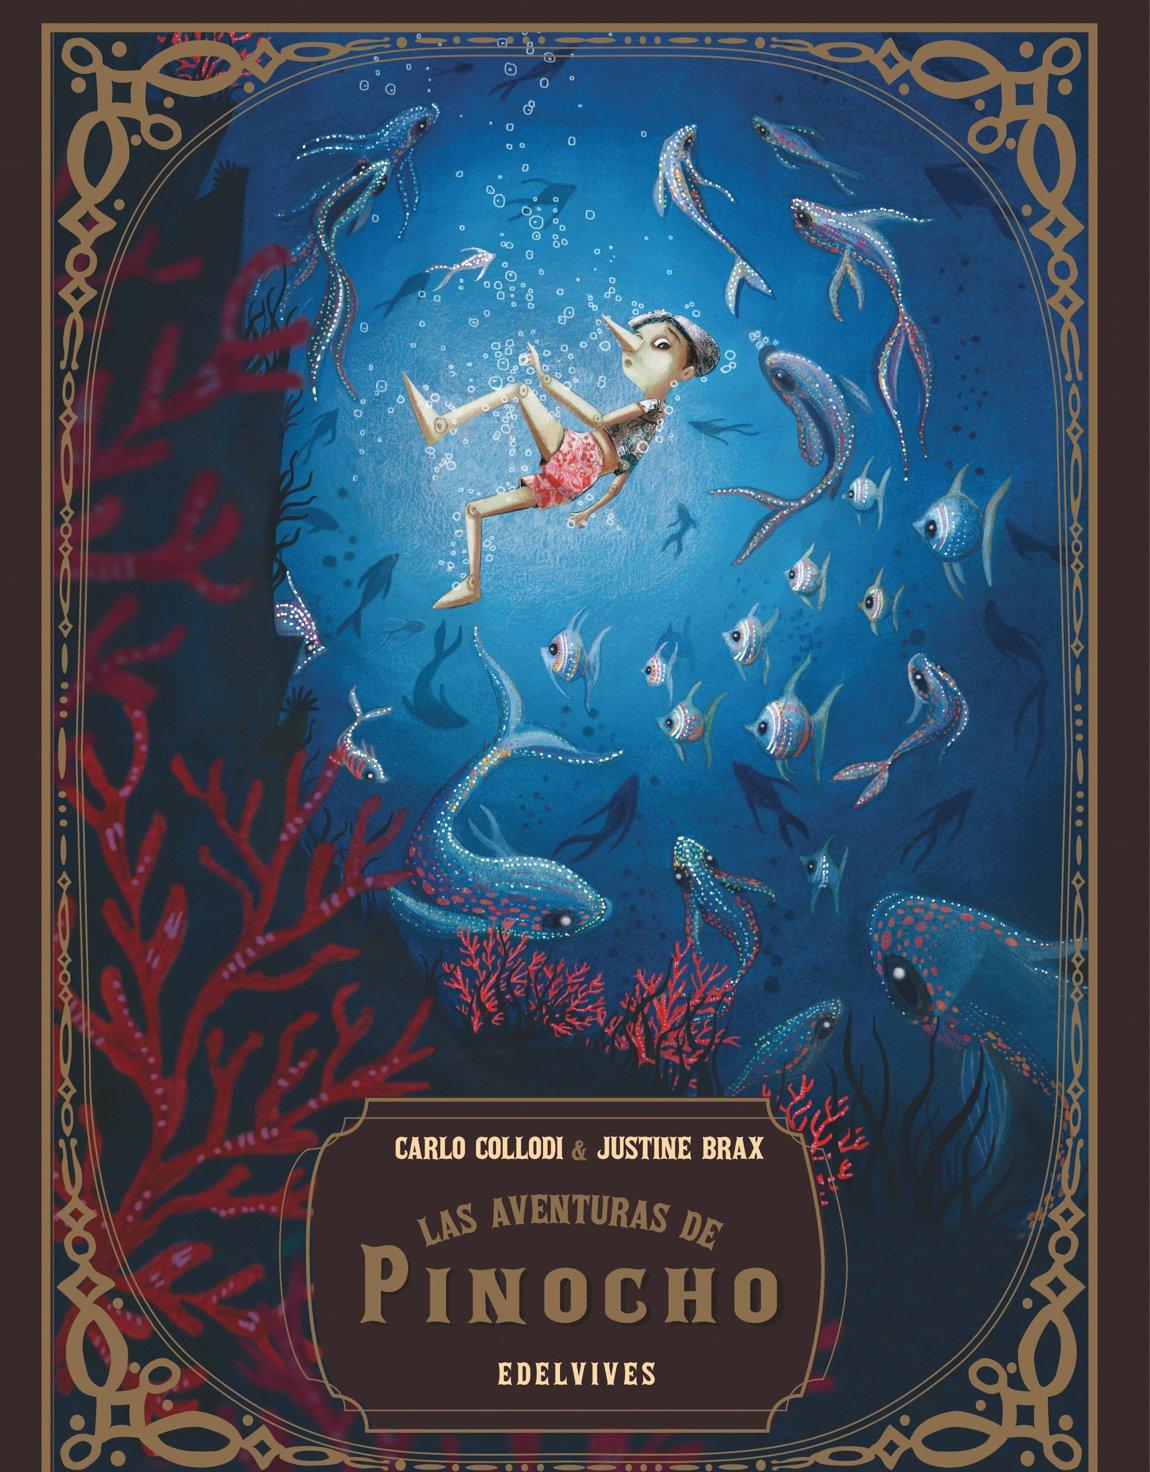 'Las aventuras de Pinocho', de Carlo Collodi y Justine Brax (Edelvives)